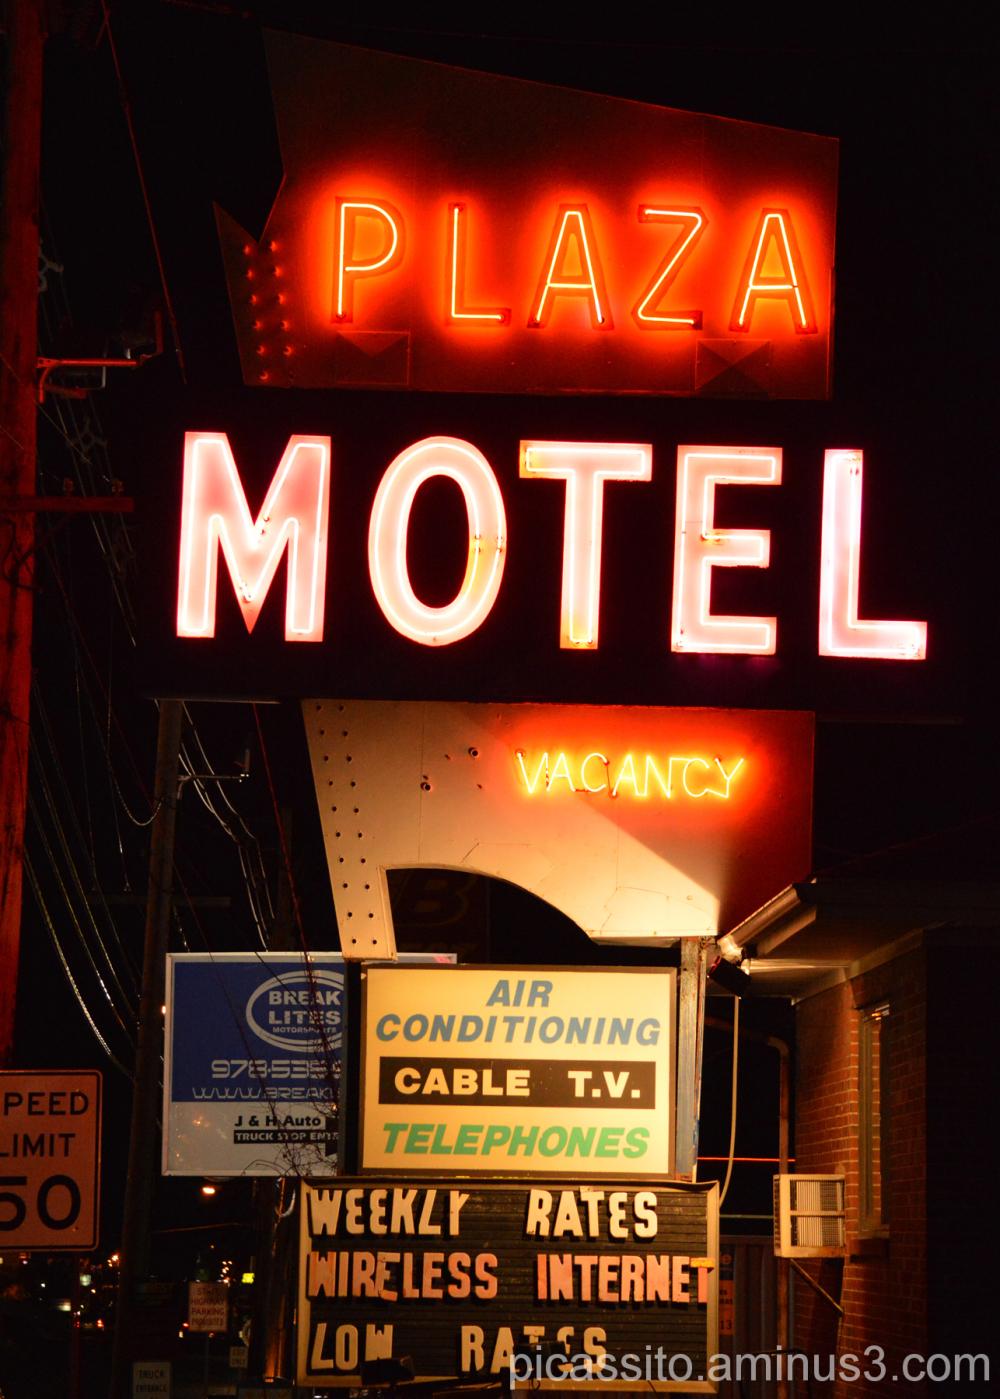 The Plaza Motel - Vacancy